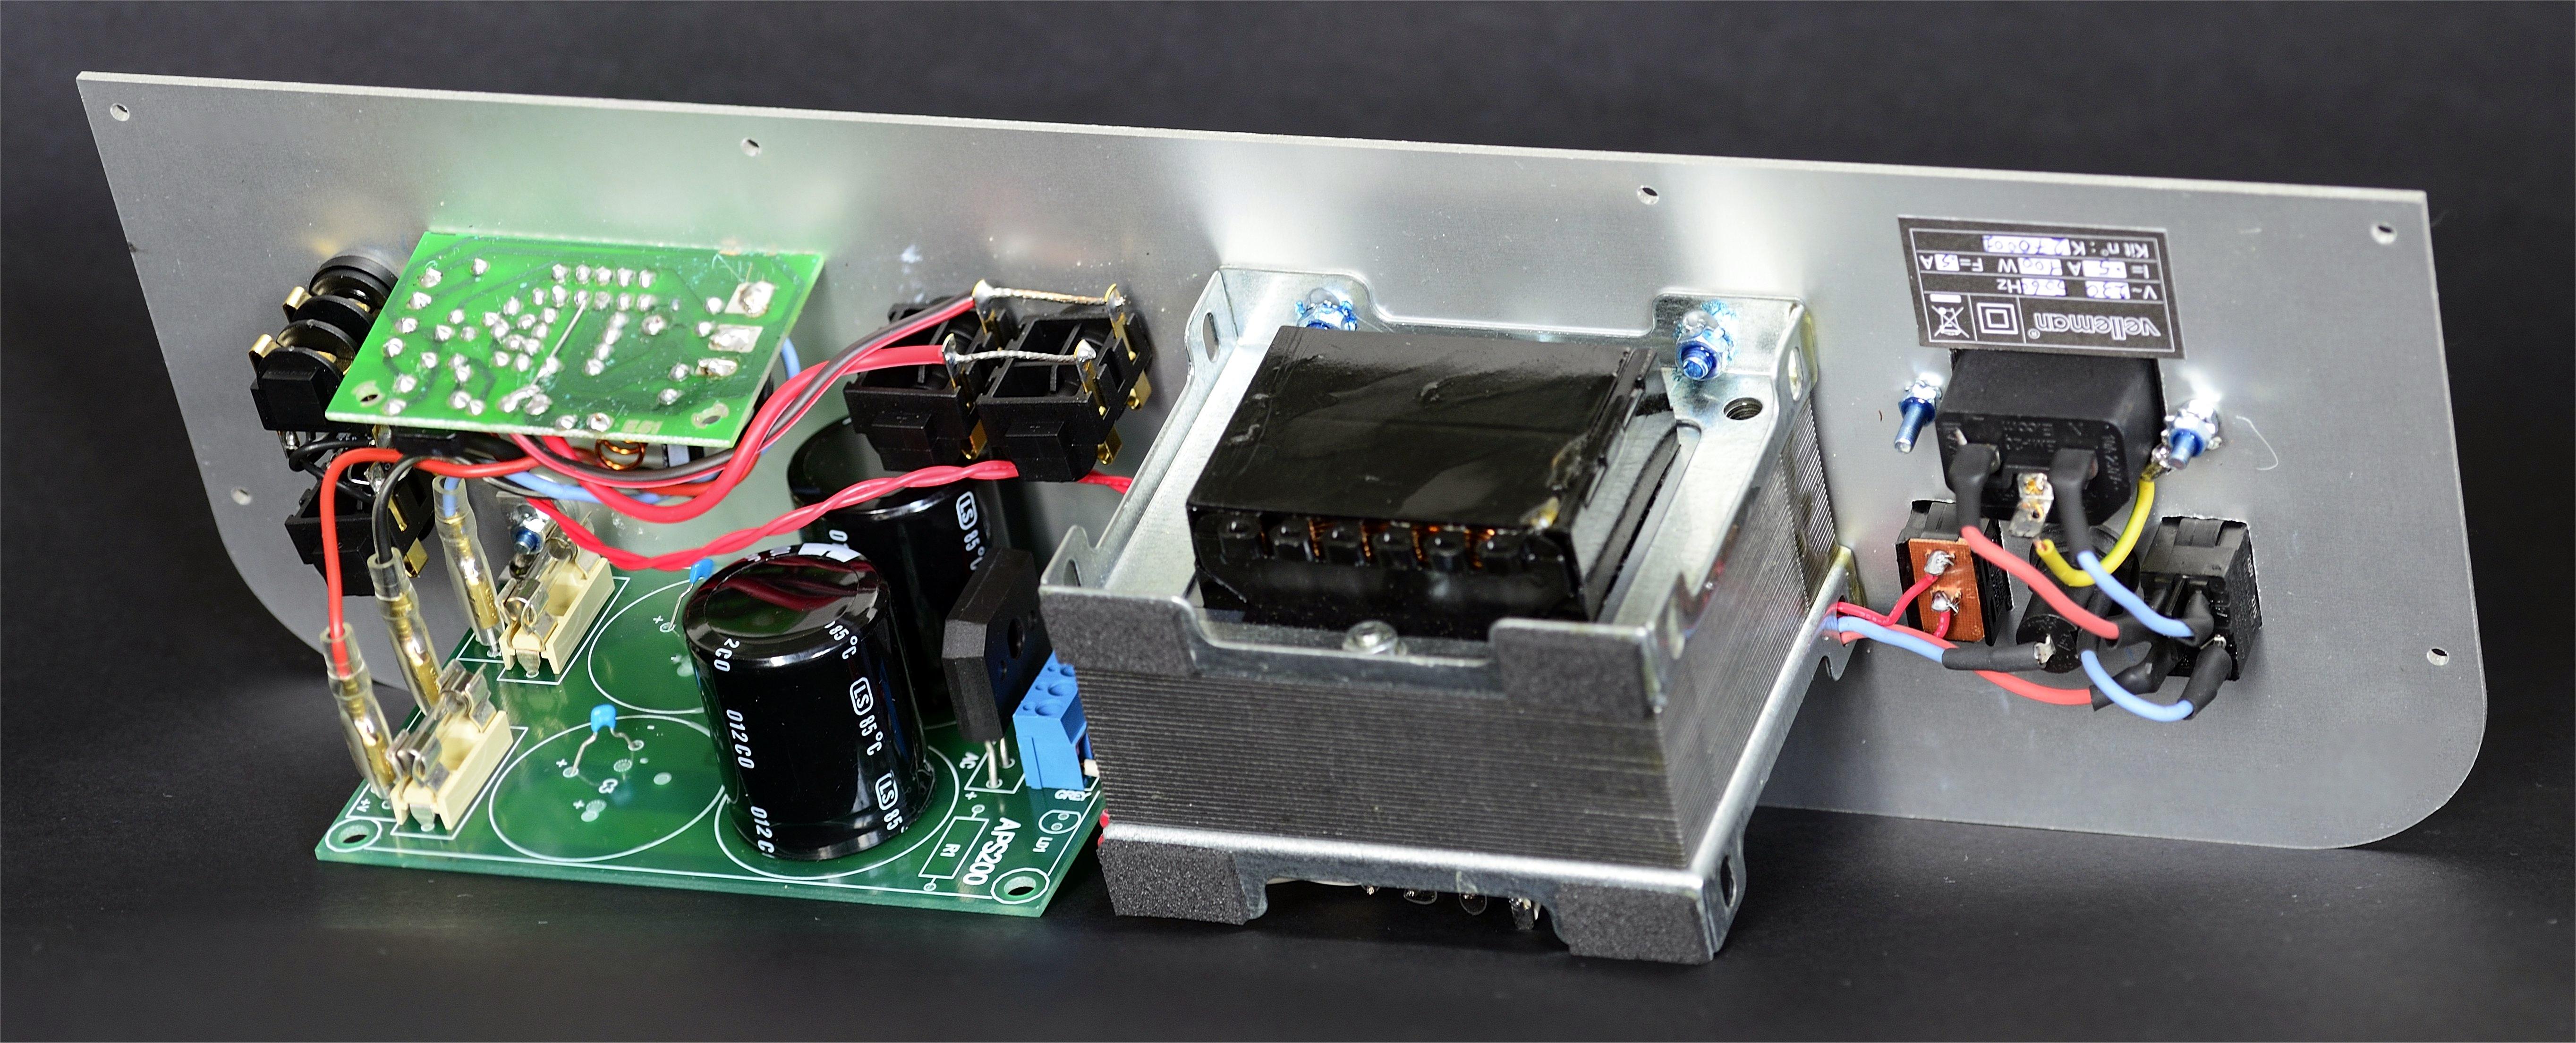 Kemper Profiling amp-